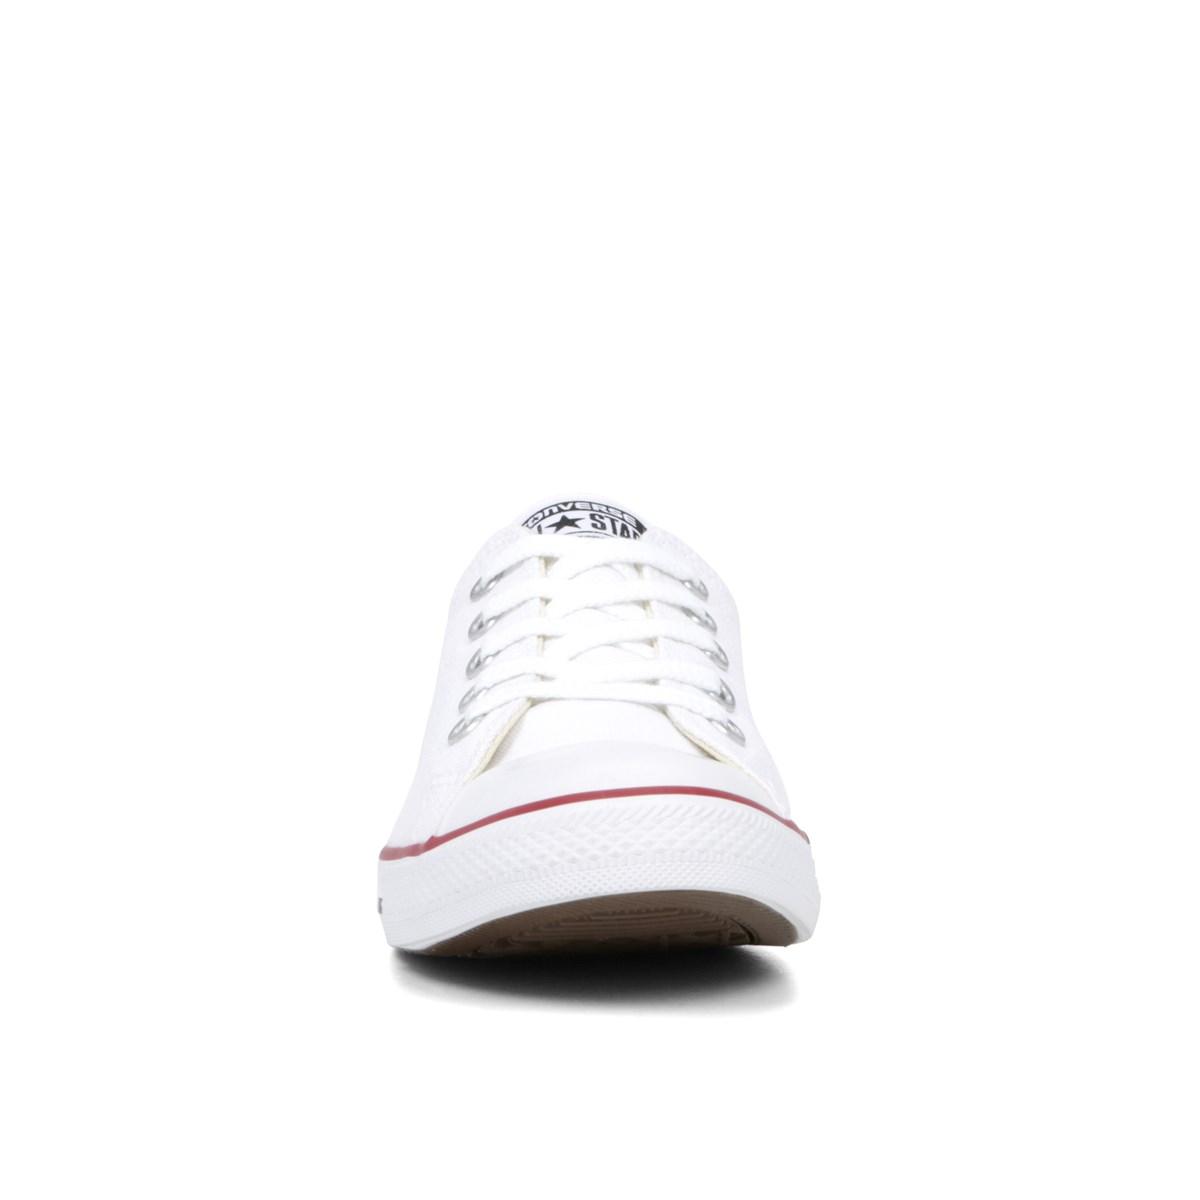 adfff45470d7 Converse Womens Chuck Taylor All Star Dainty Ox Sneaker. Previous. default  view  ALT1  ALT2  ALT3